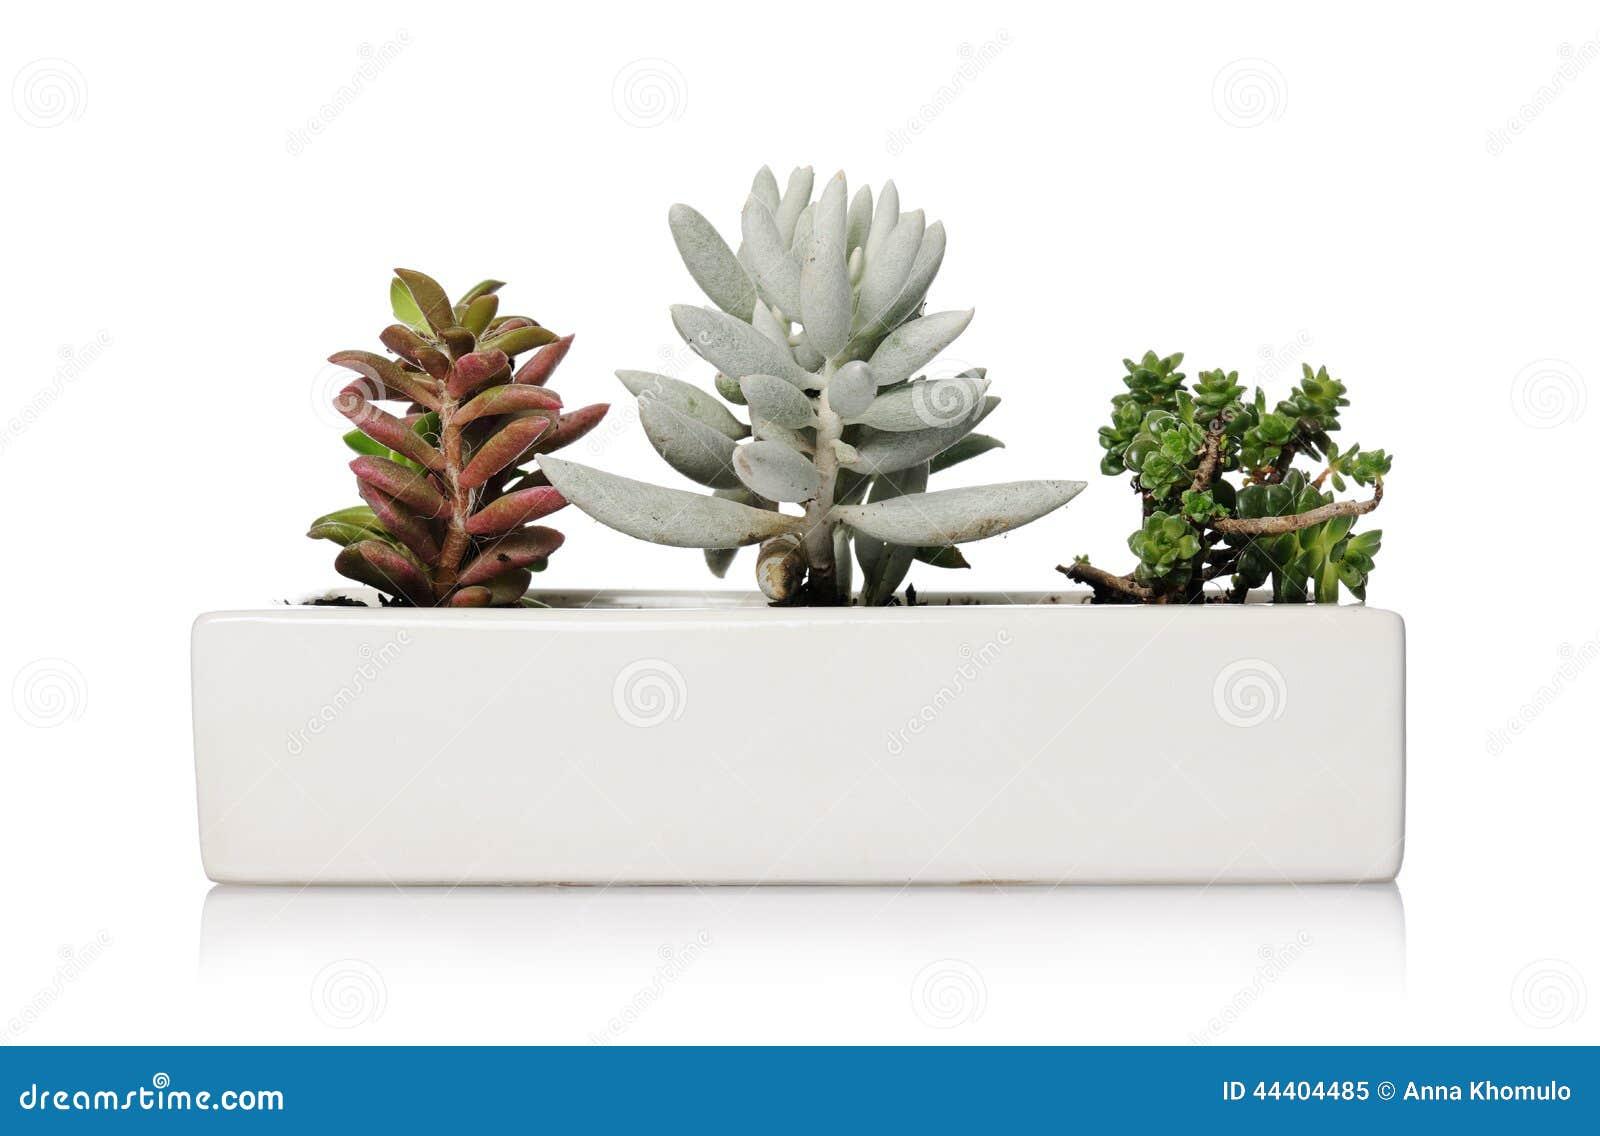 petite plante d interieur. Black Bedroom Furniture Sets. Home Design Ideas